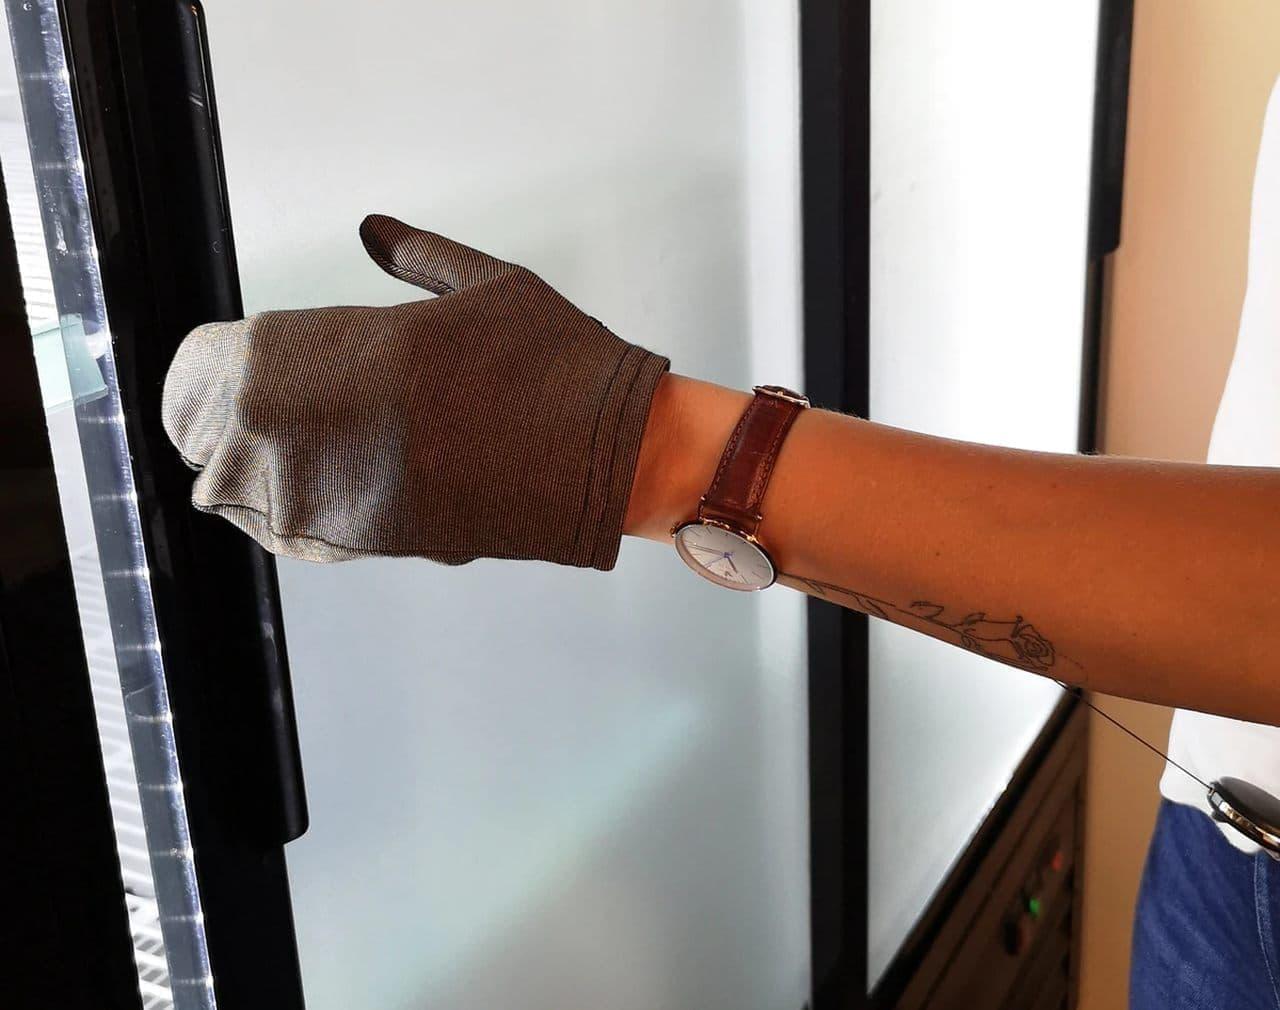 直接手を触れずにボタンを押したり ドアを開けたりできる手袋「SNAPBACK GLOVE」